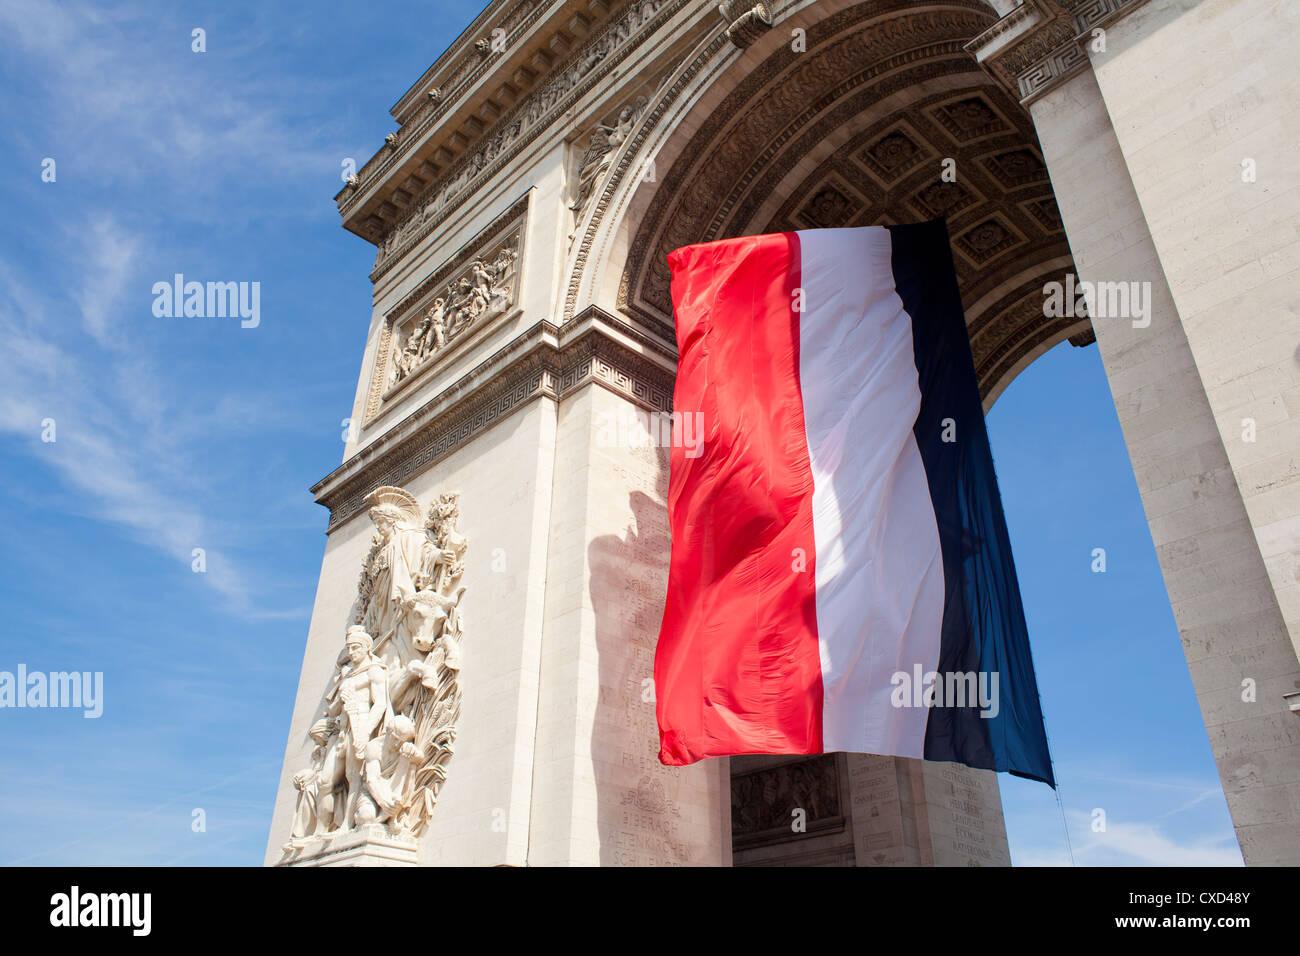 Französische Flagge unter Arc de Triomphe, gebaut von Napoleon, Paris, Frankreich Stockbild